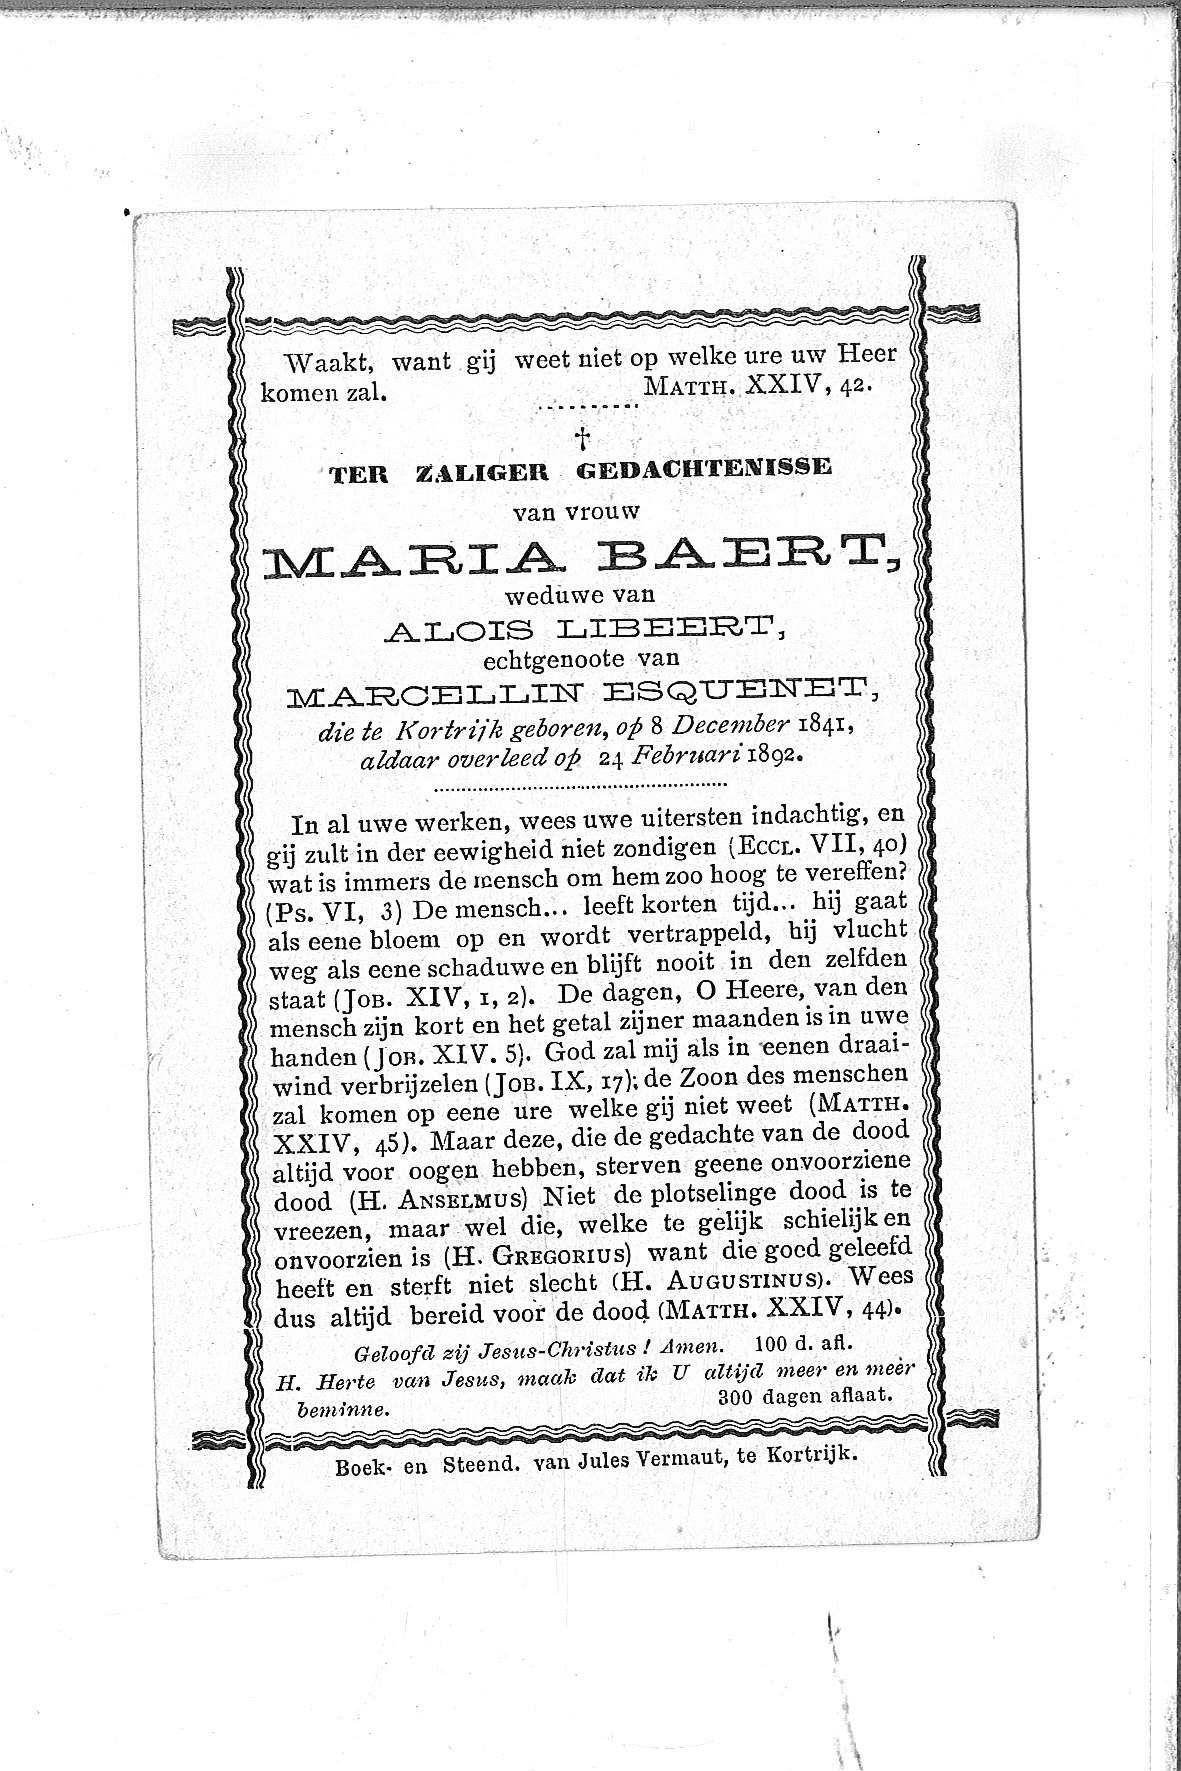 Maria(1892)20140701100228_00063.jpg